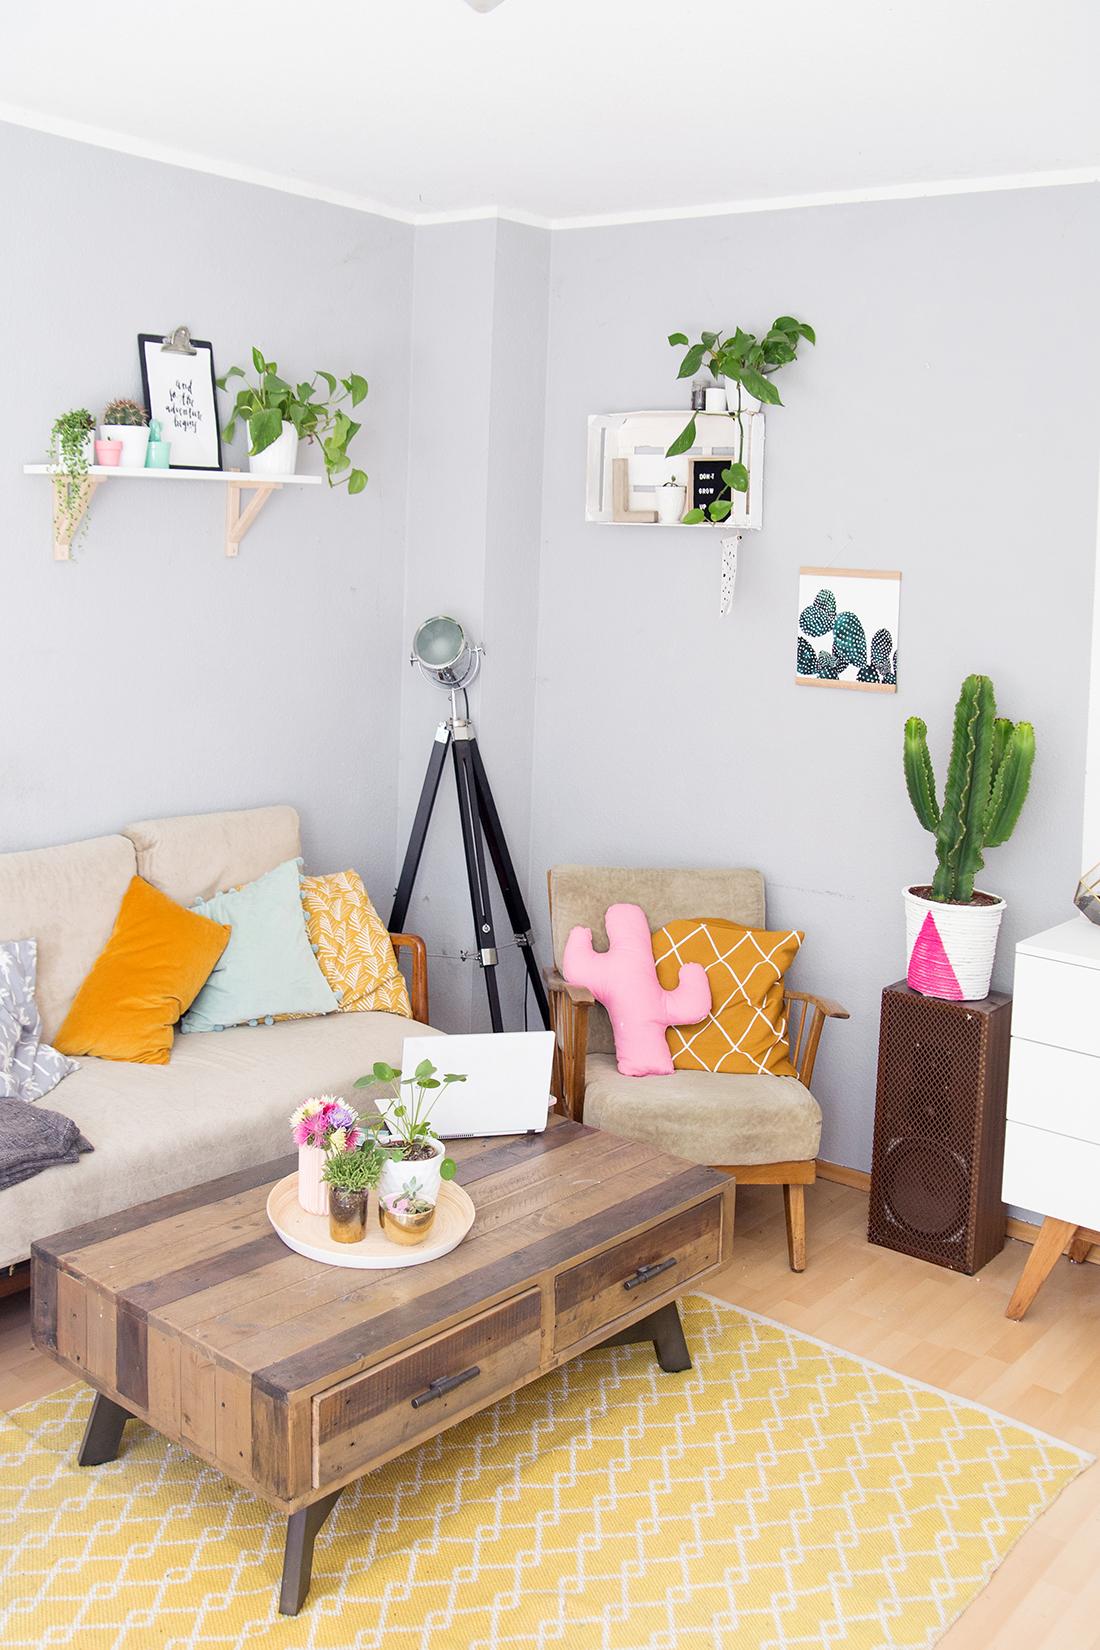 wohnzimmer gestalten do it yourself : Wohnzimmer Umstyling Mit Viel Diy Deko Mein Feenstaub